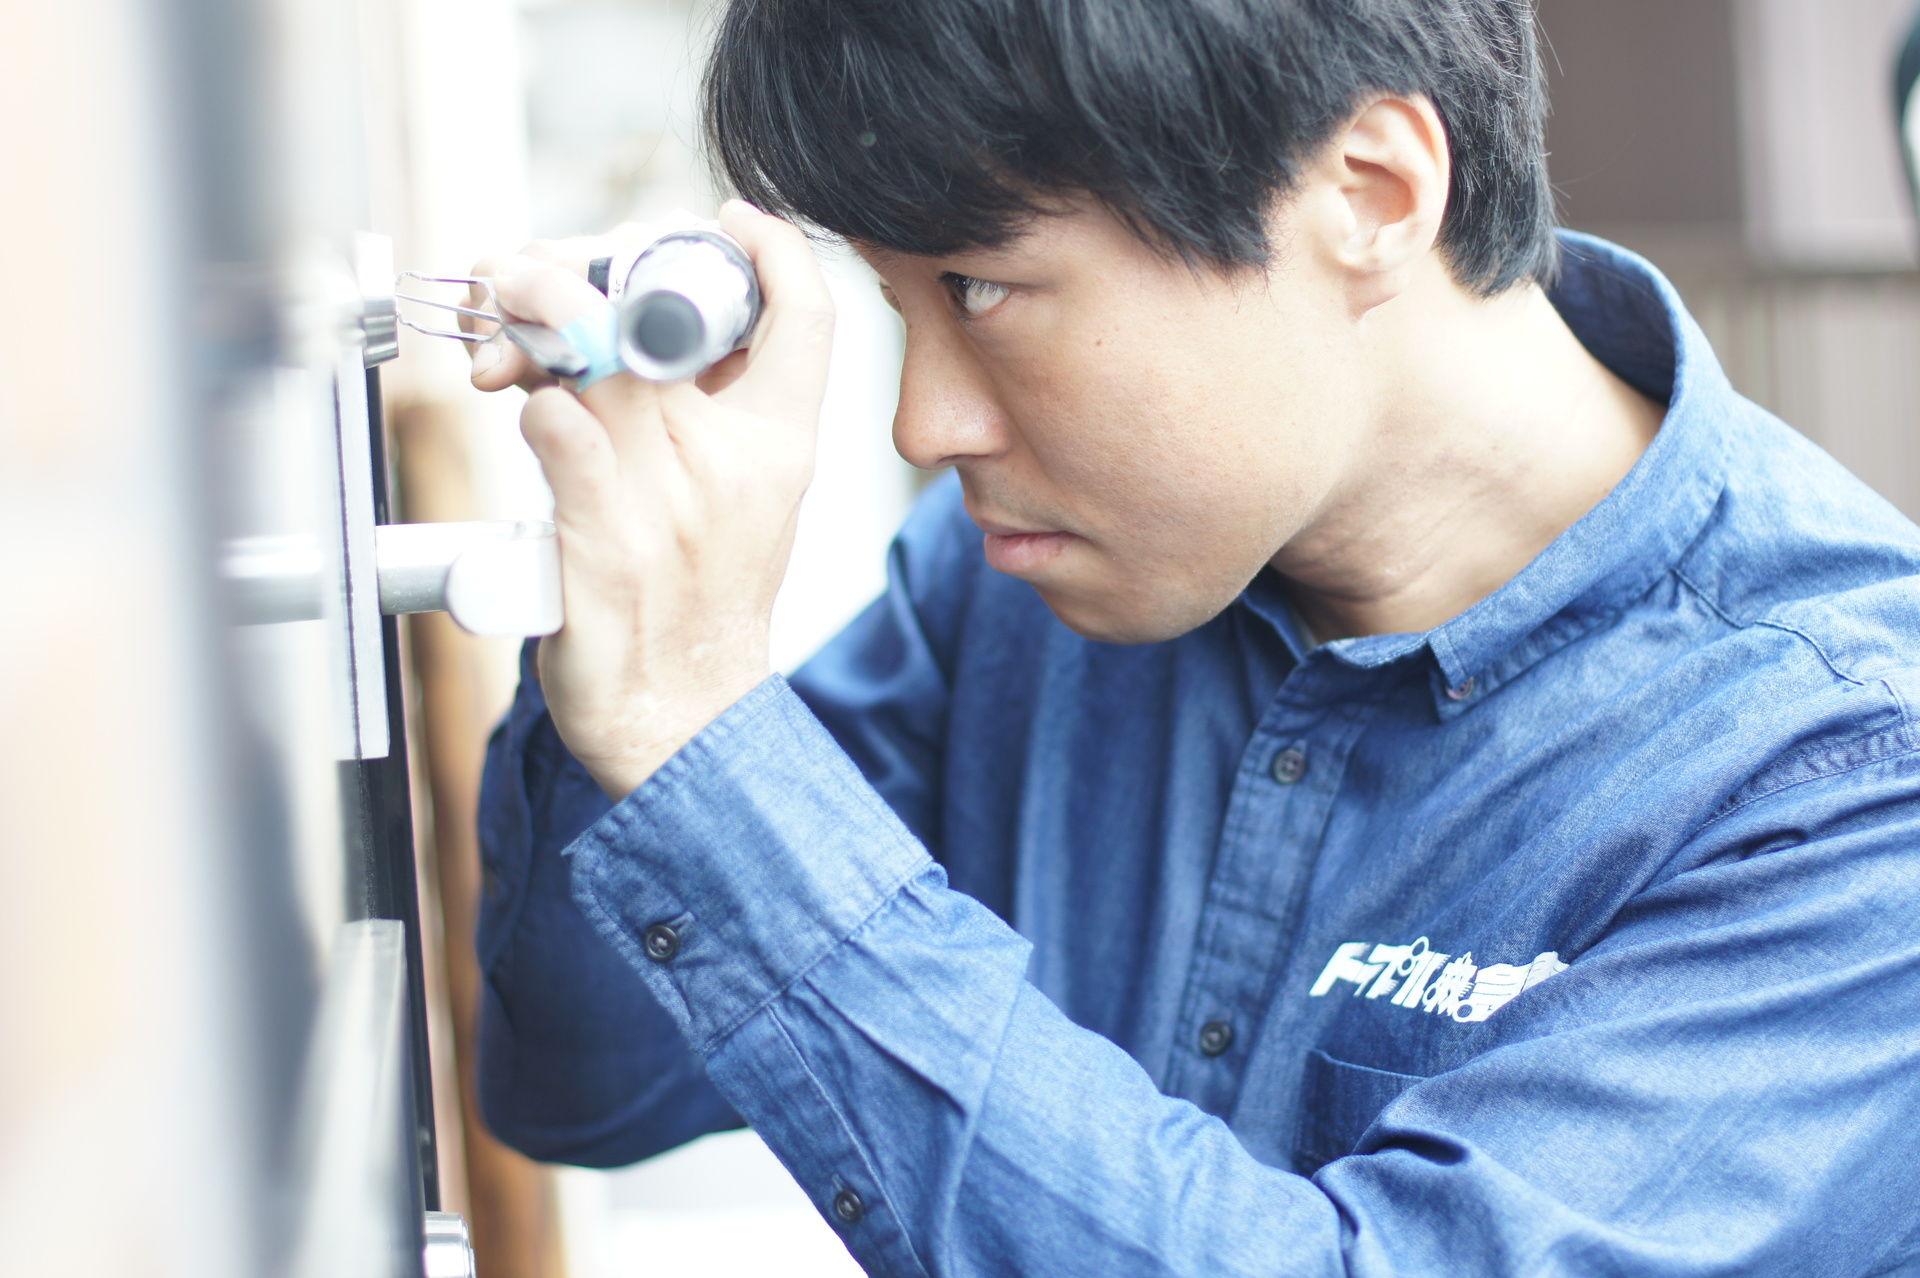 カギのトラブル救Q隊.24【秩父郡横瀬町 出張エリア】のメイン画像